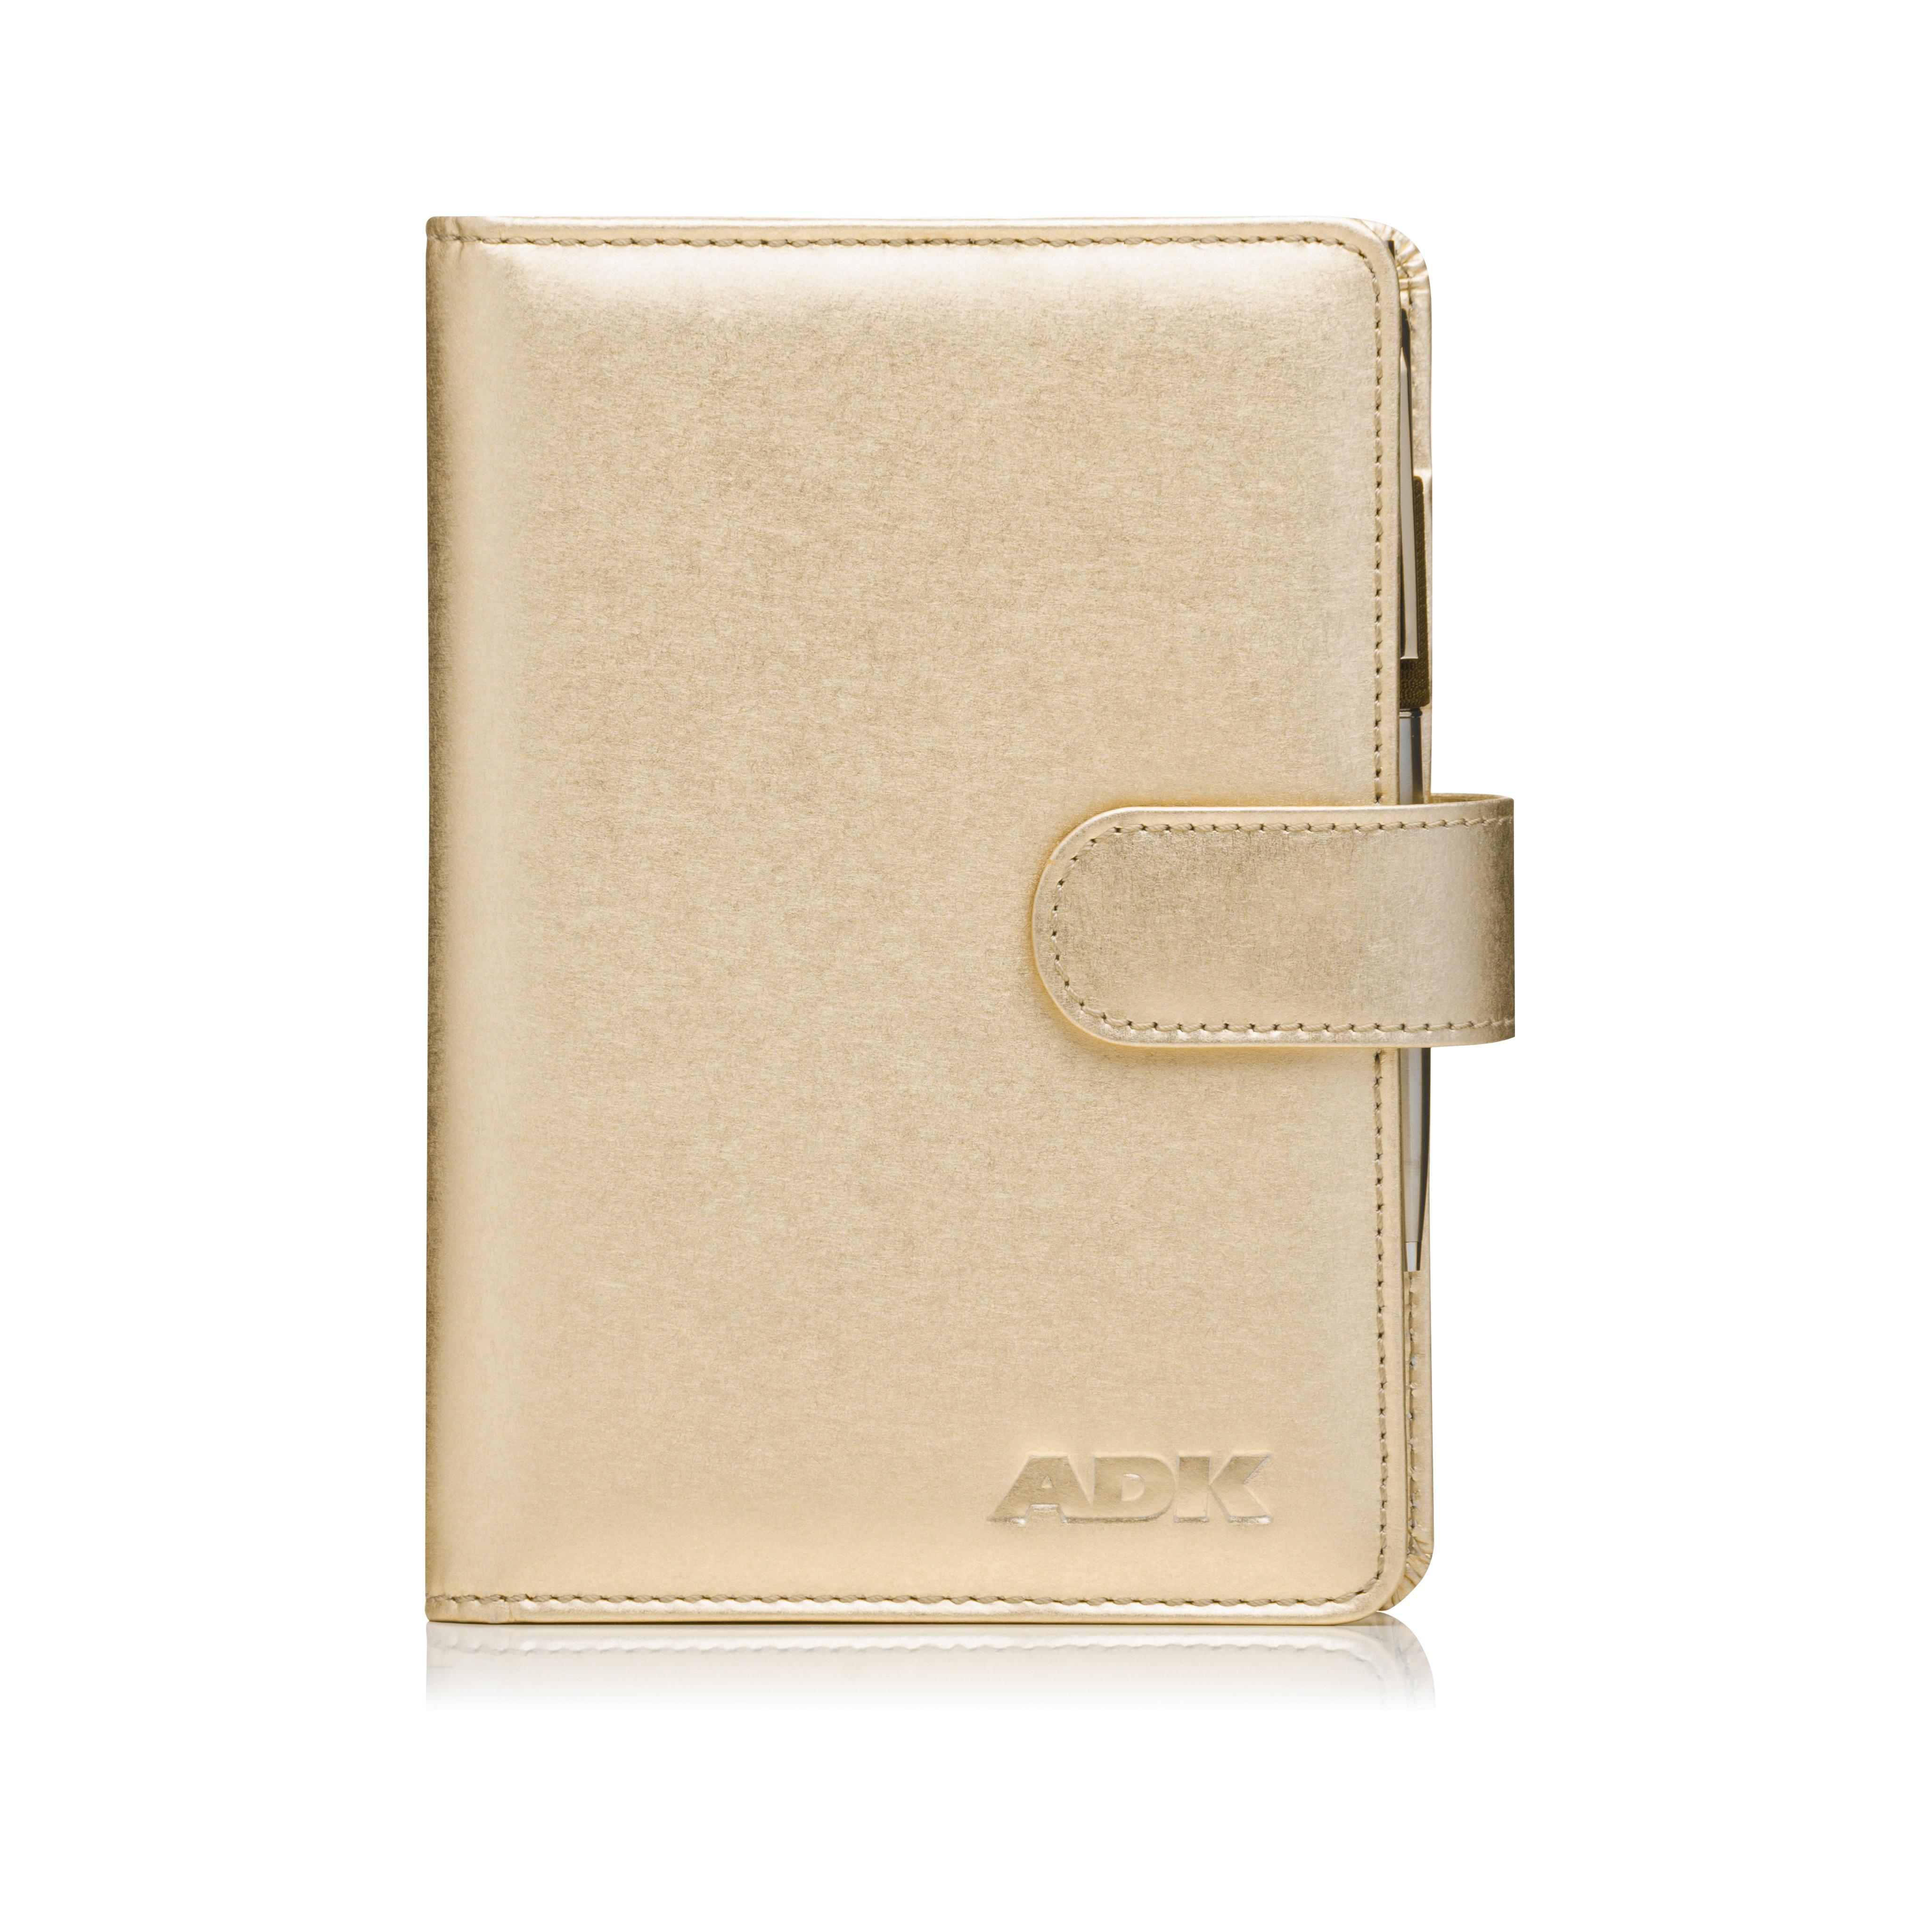 Diář ADK Gold 2021 zlatý